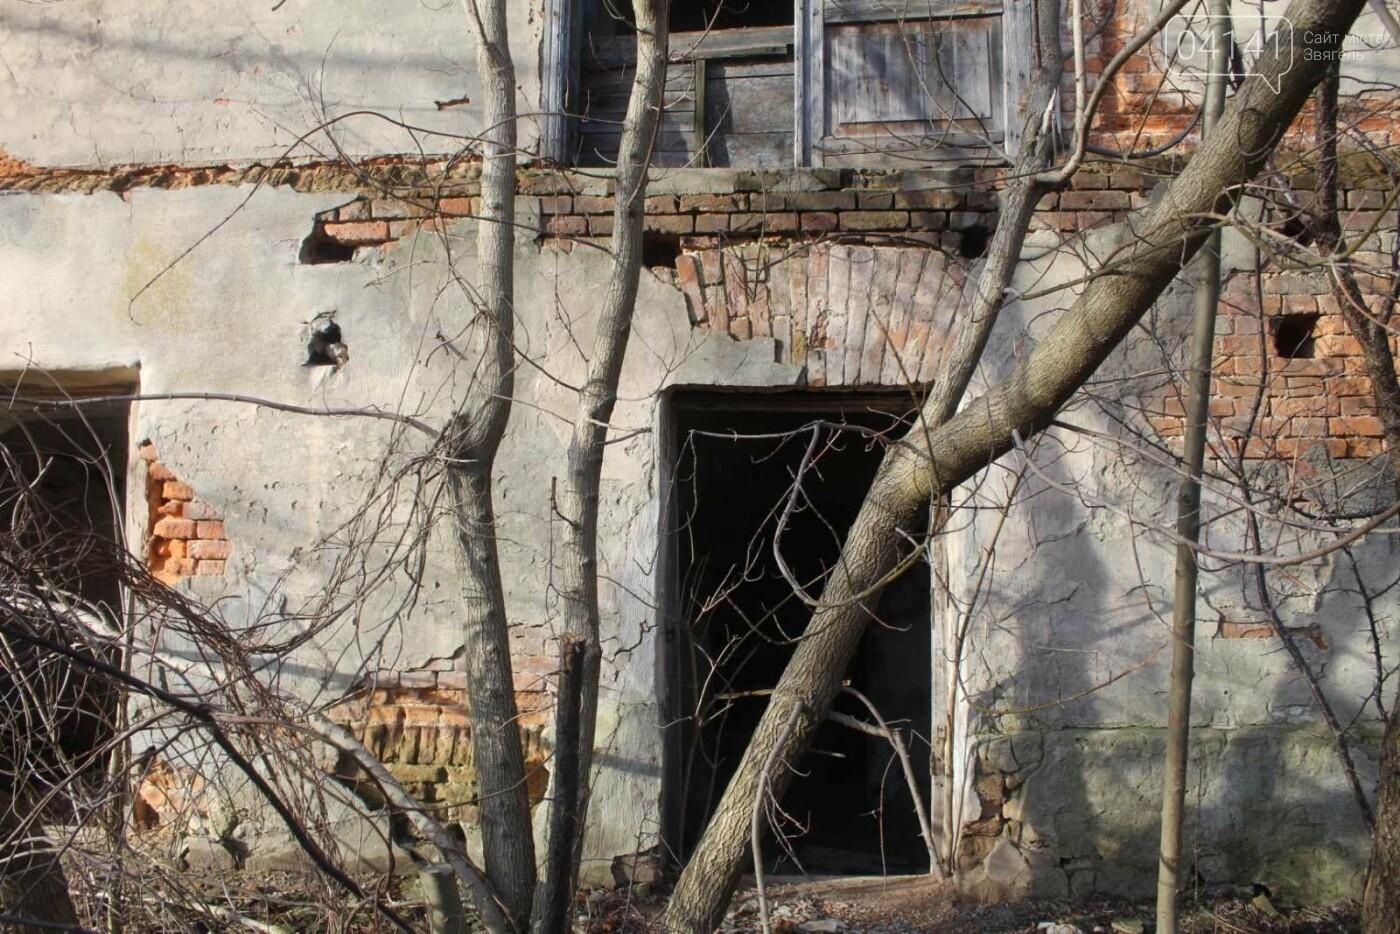 Вітер гуляє: Як сьогодні виглядає найстаріша будівля Новограда-Волинського (ФОТОРЕПОРТАЖ), фото-9